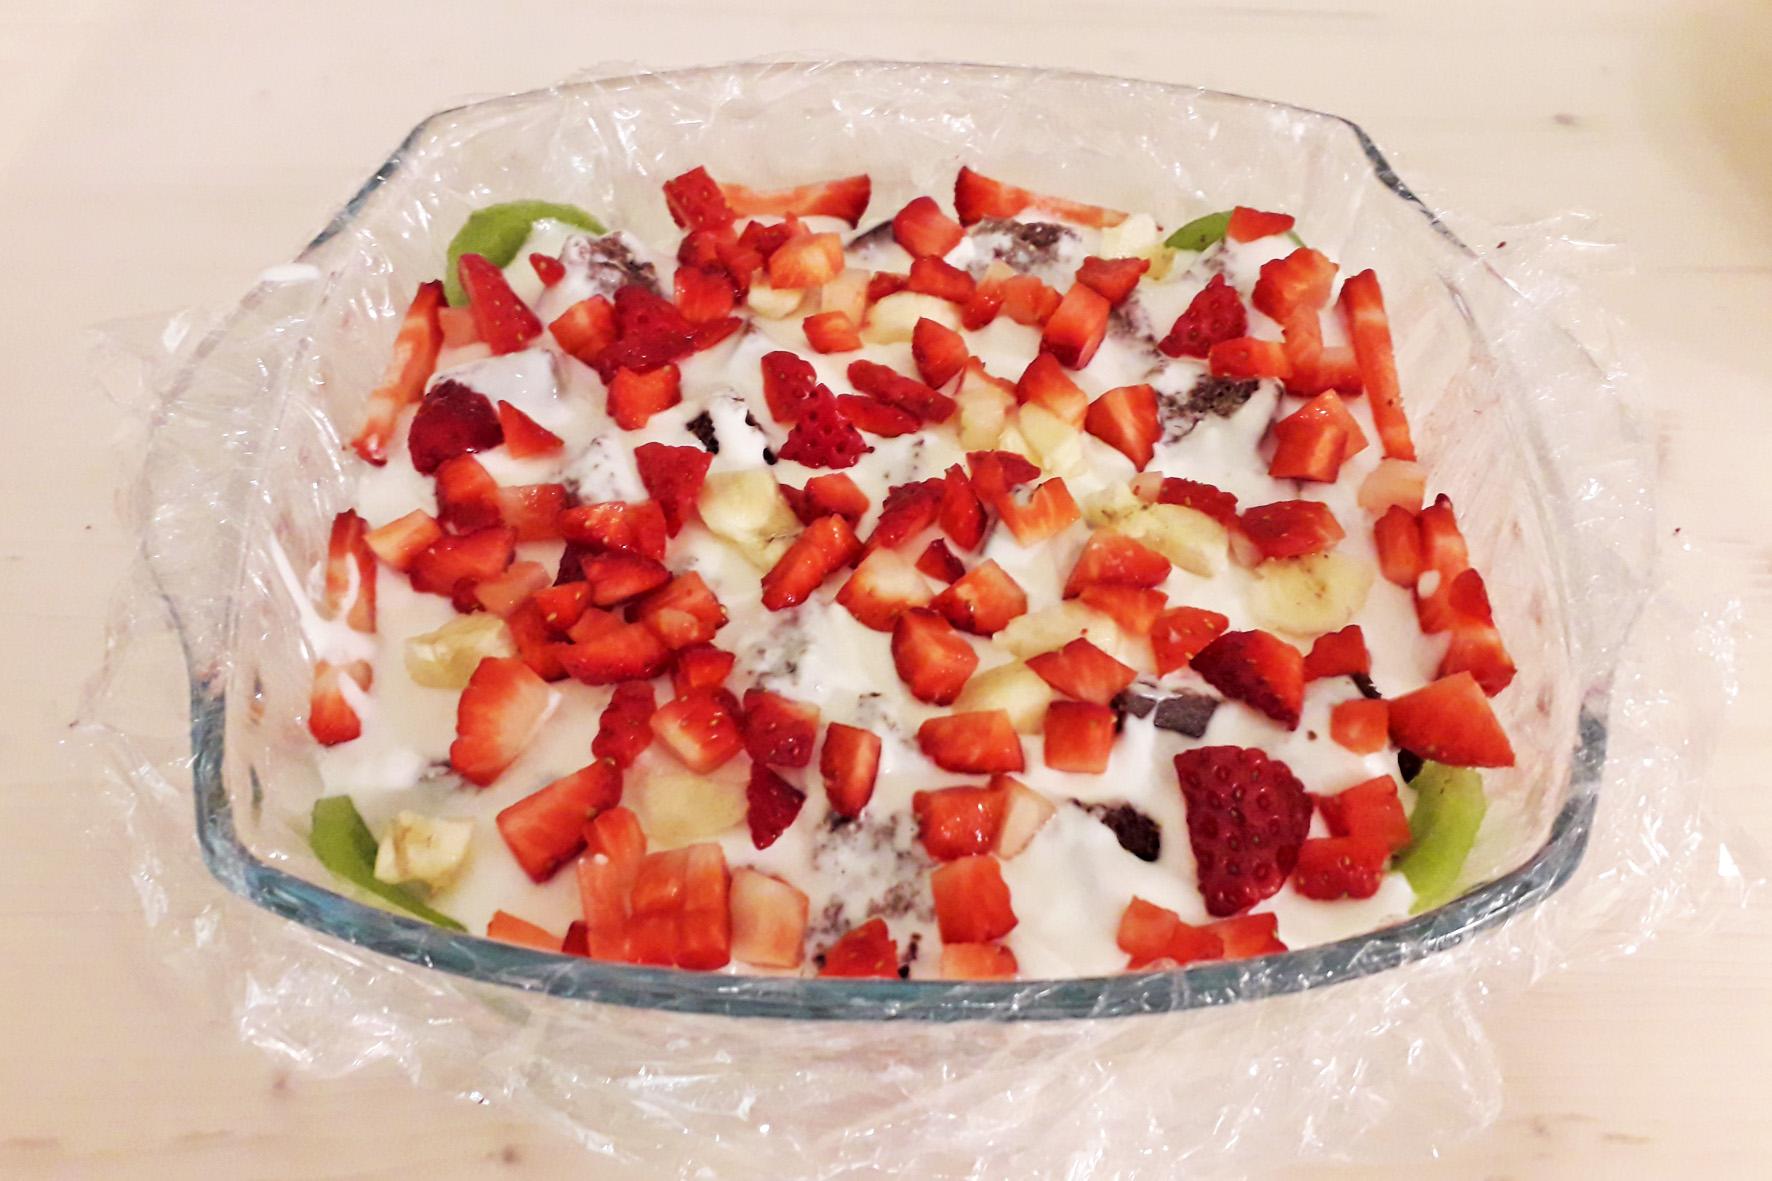 кусочки ягод в десерте